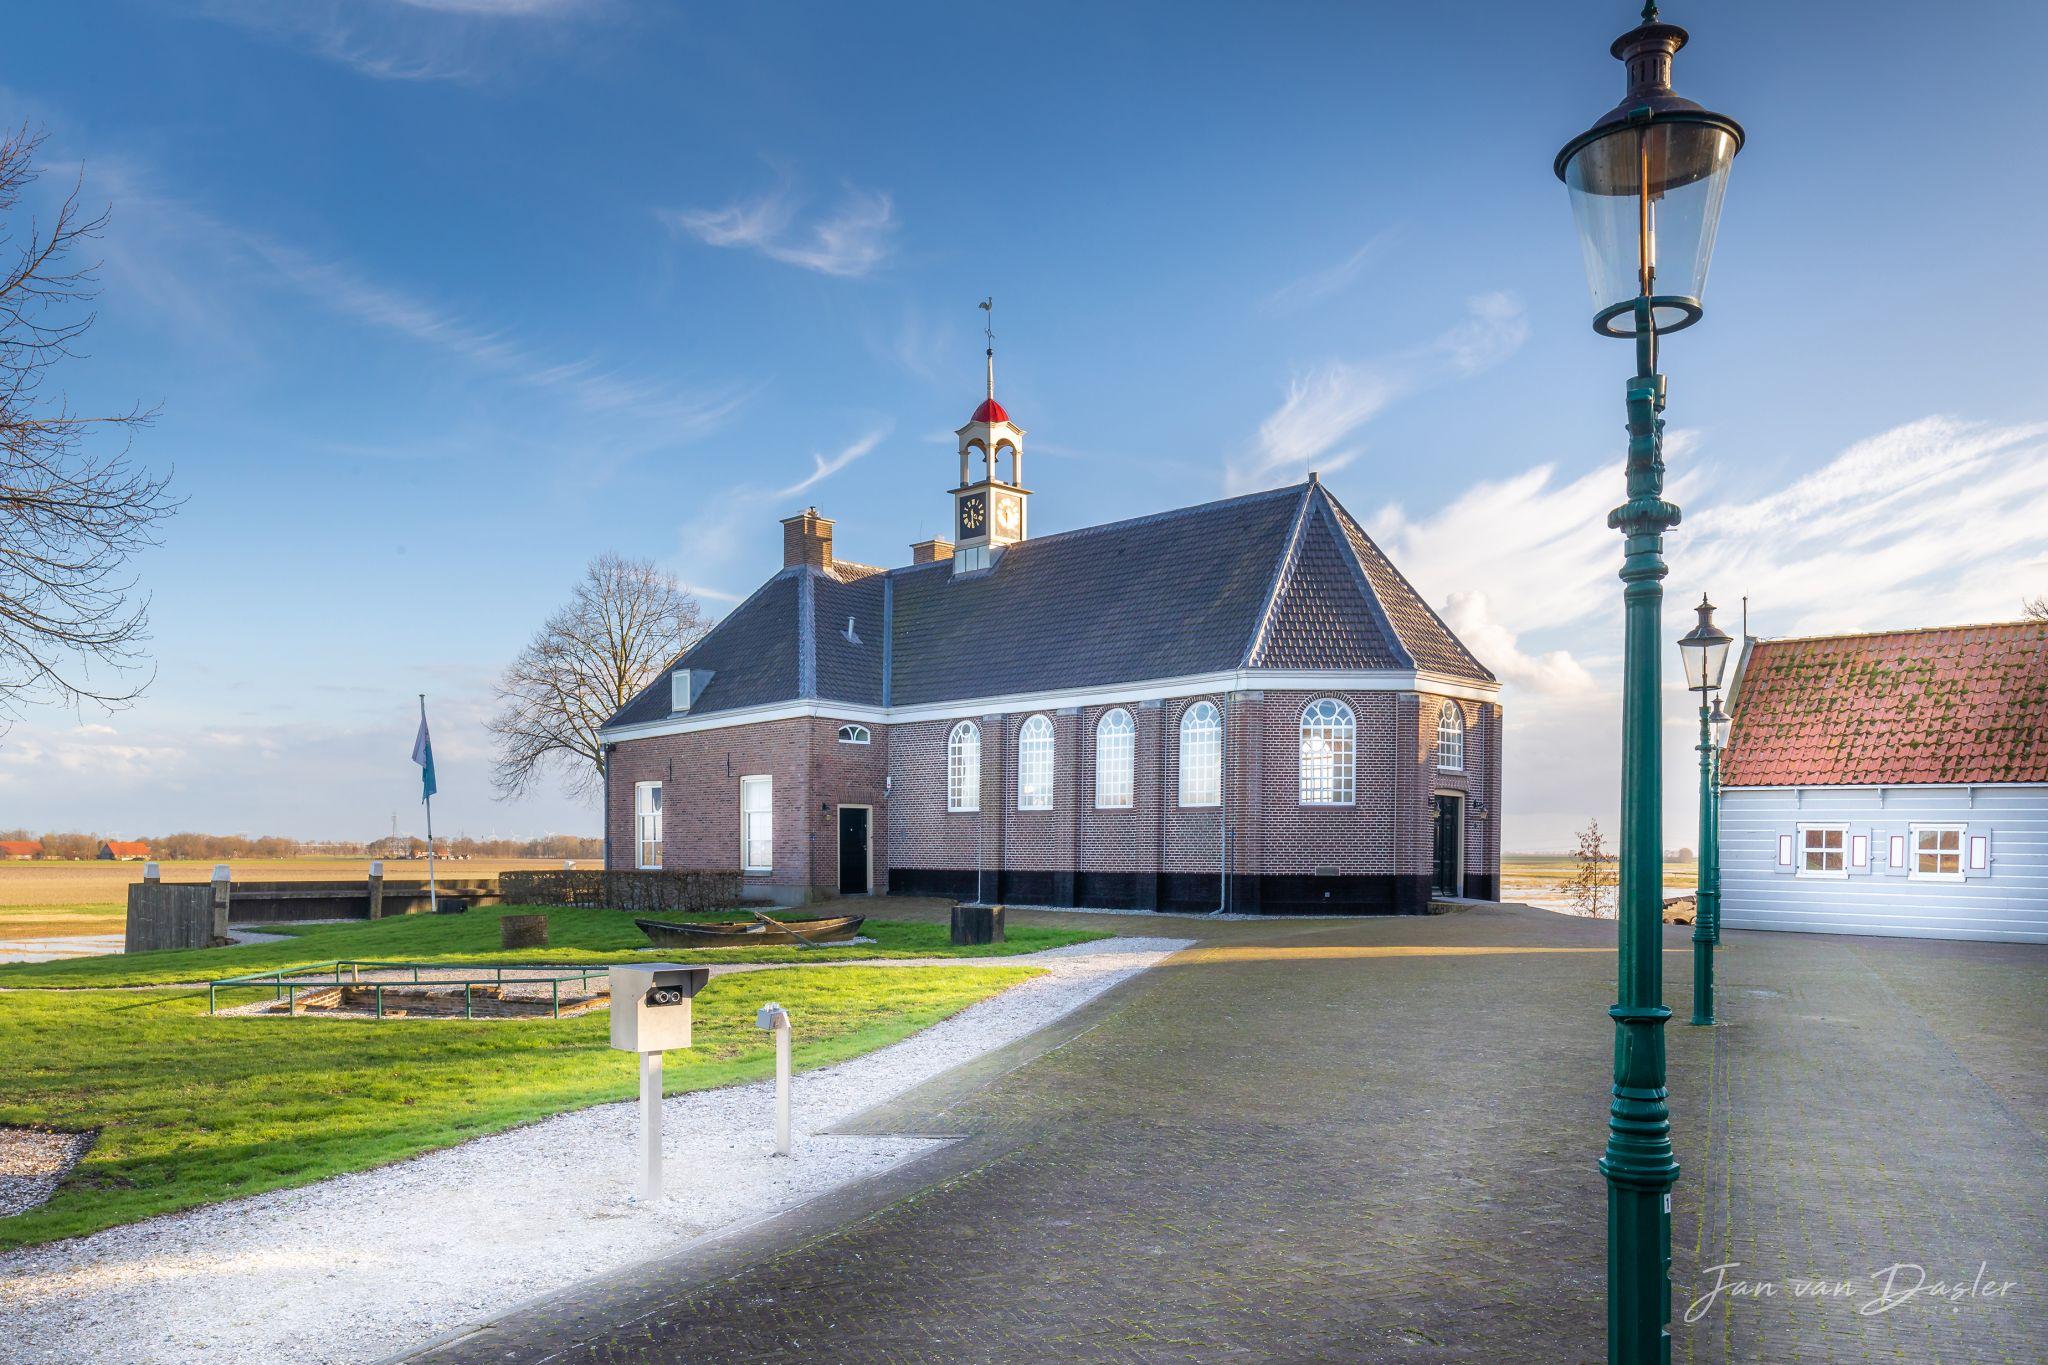 Church at Schokland, Netherlands